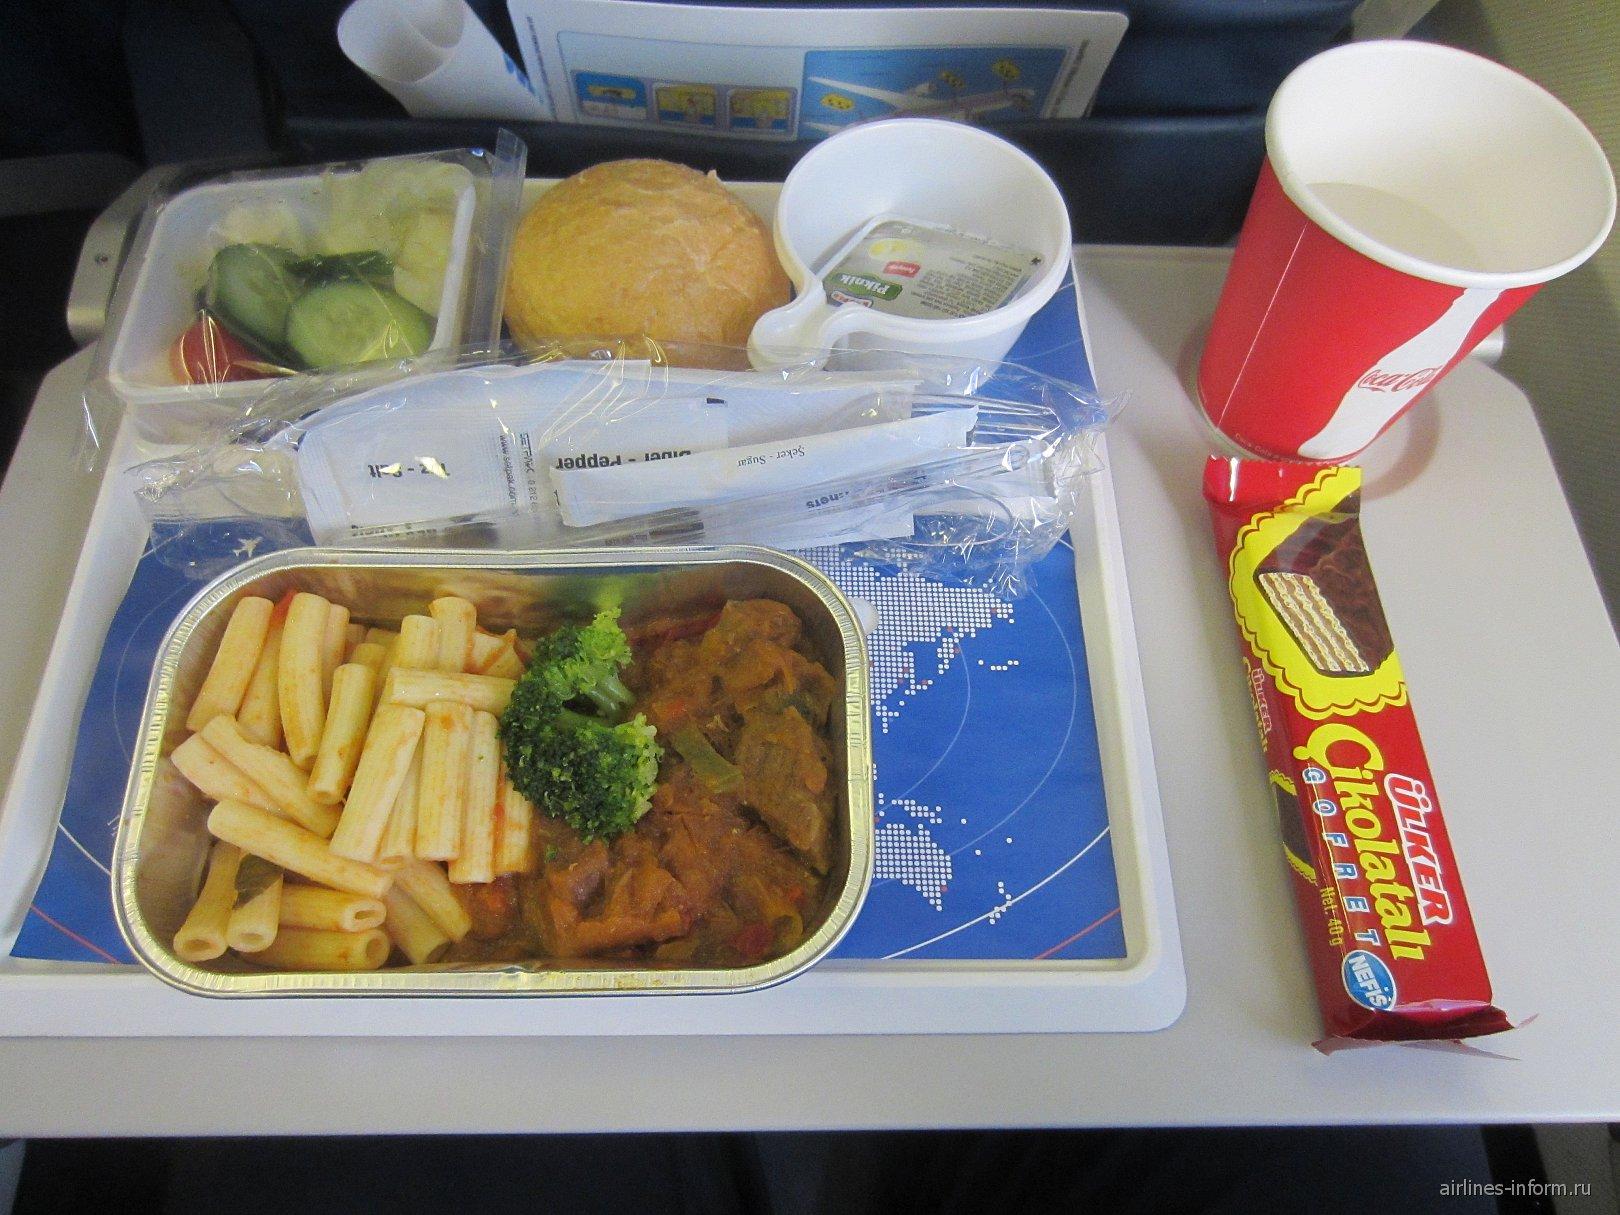 Бортовое питание на рейсе Екатеринбург-Анталья авиакомпании Трансаэро